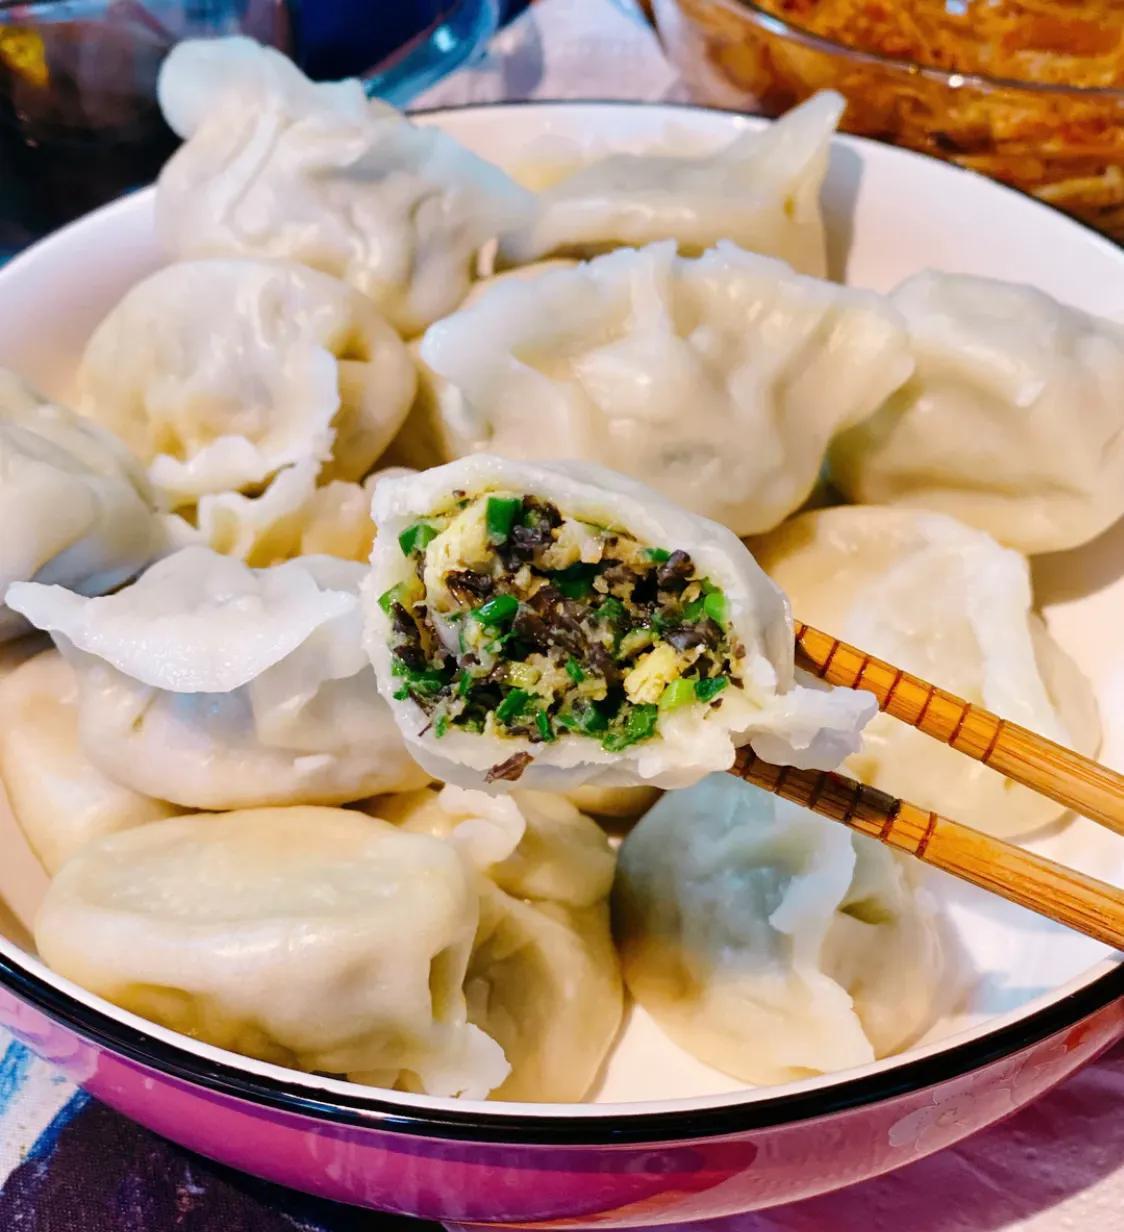 正宗的三鲜馅水饺,味道鲜美,健康营养 美食做法 第9张